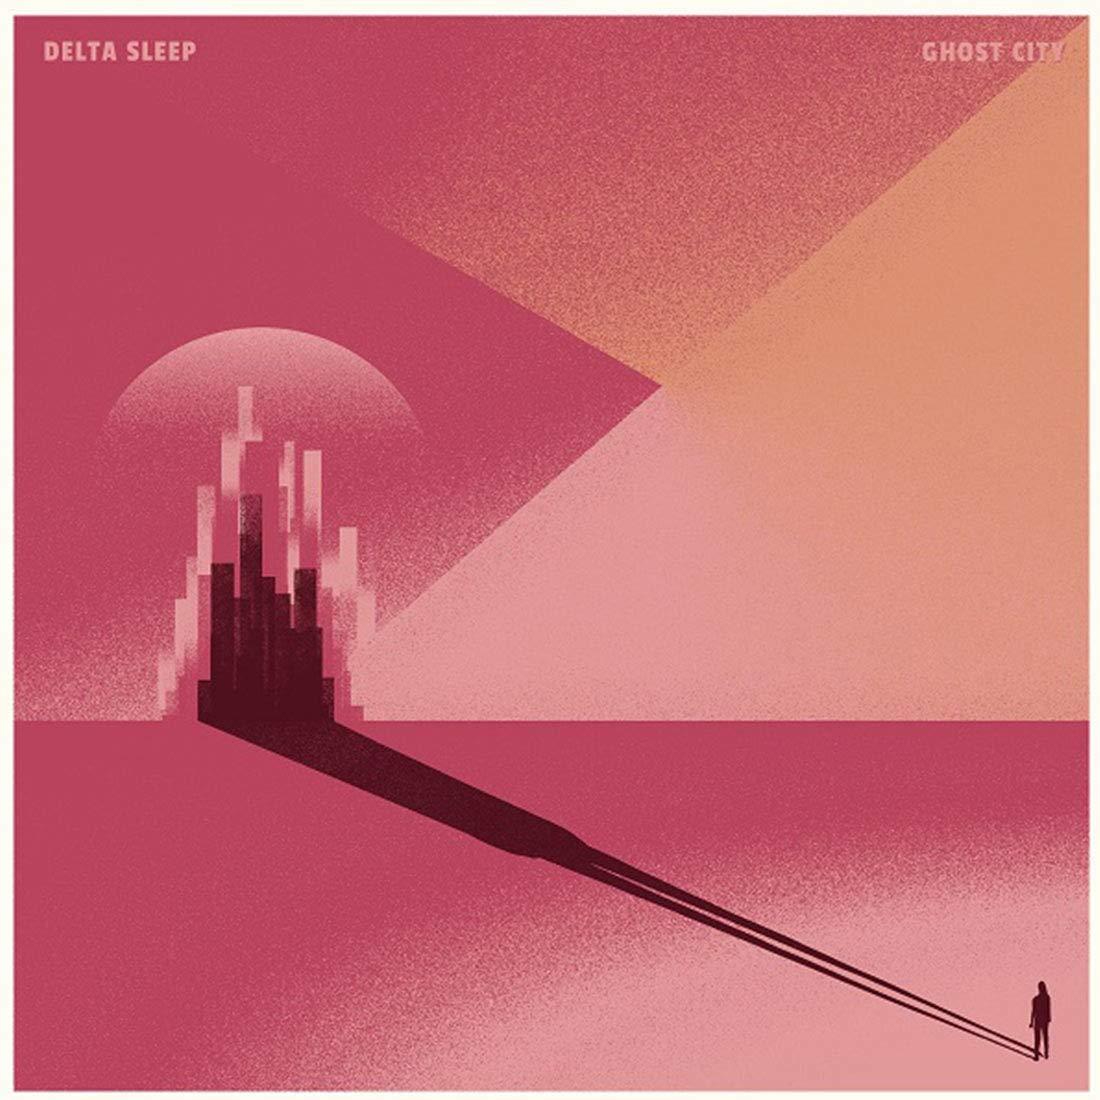 Vinilo : Delta Sleep - Ghost City (LP Vinyl)